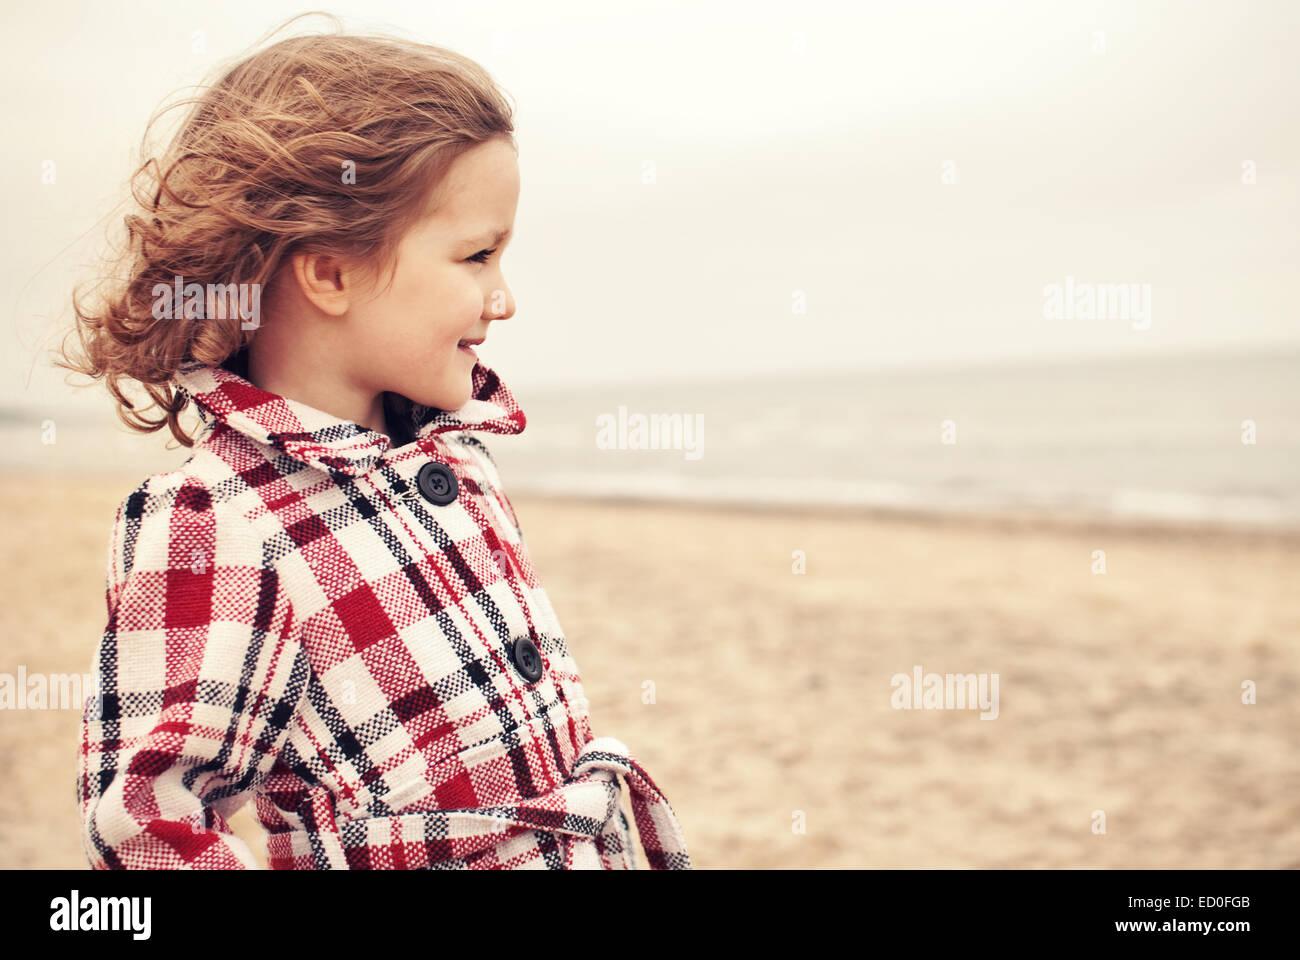 Kleines Mädchen (2-3) in Mantel am Strand Stockbild